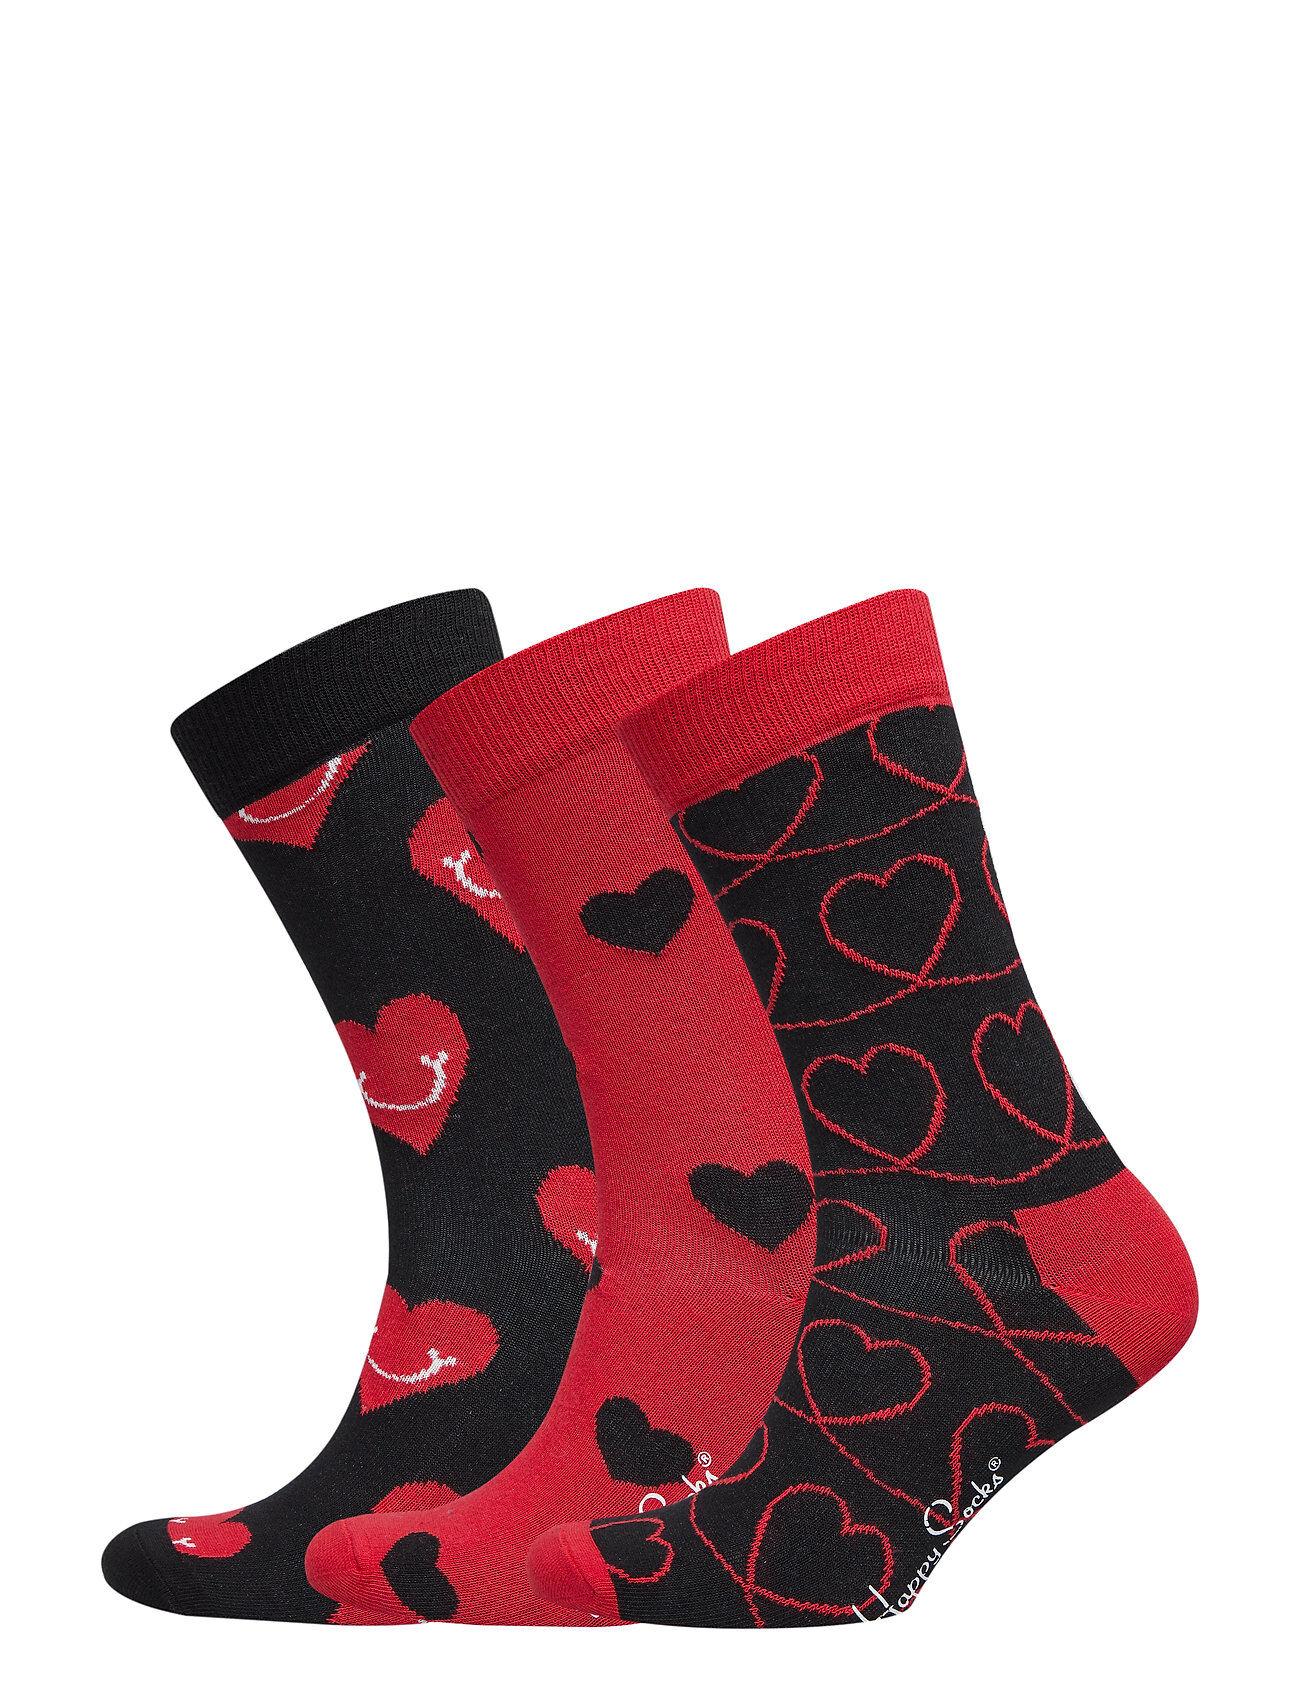 Happy Socks I Love You Gift Box Underwear Socks Regular Socks Musta Happy Socks